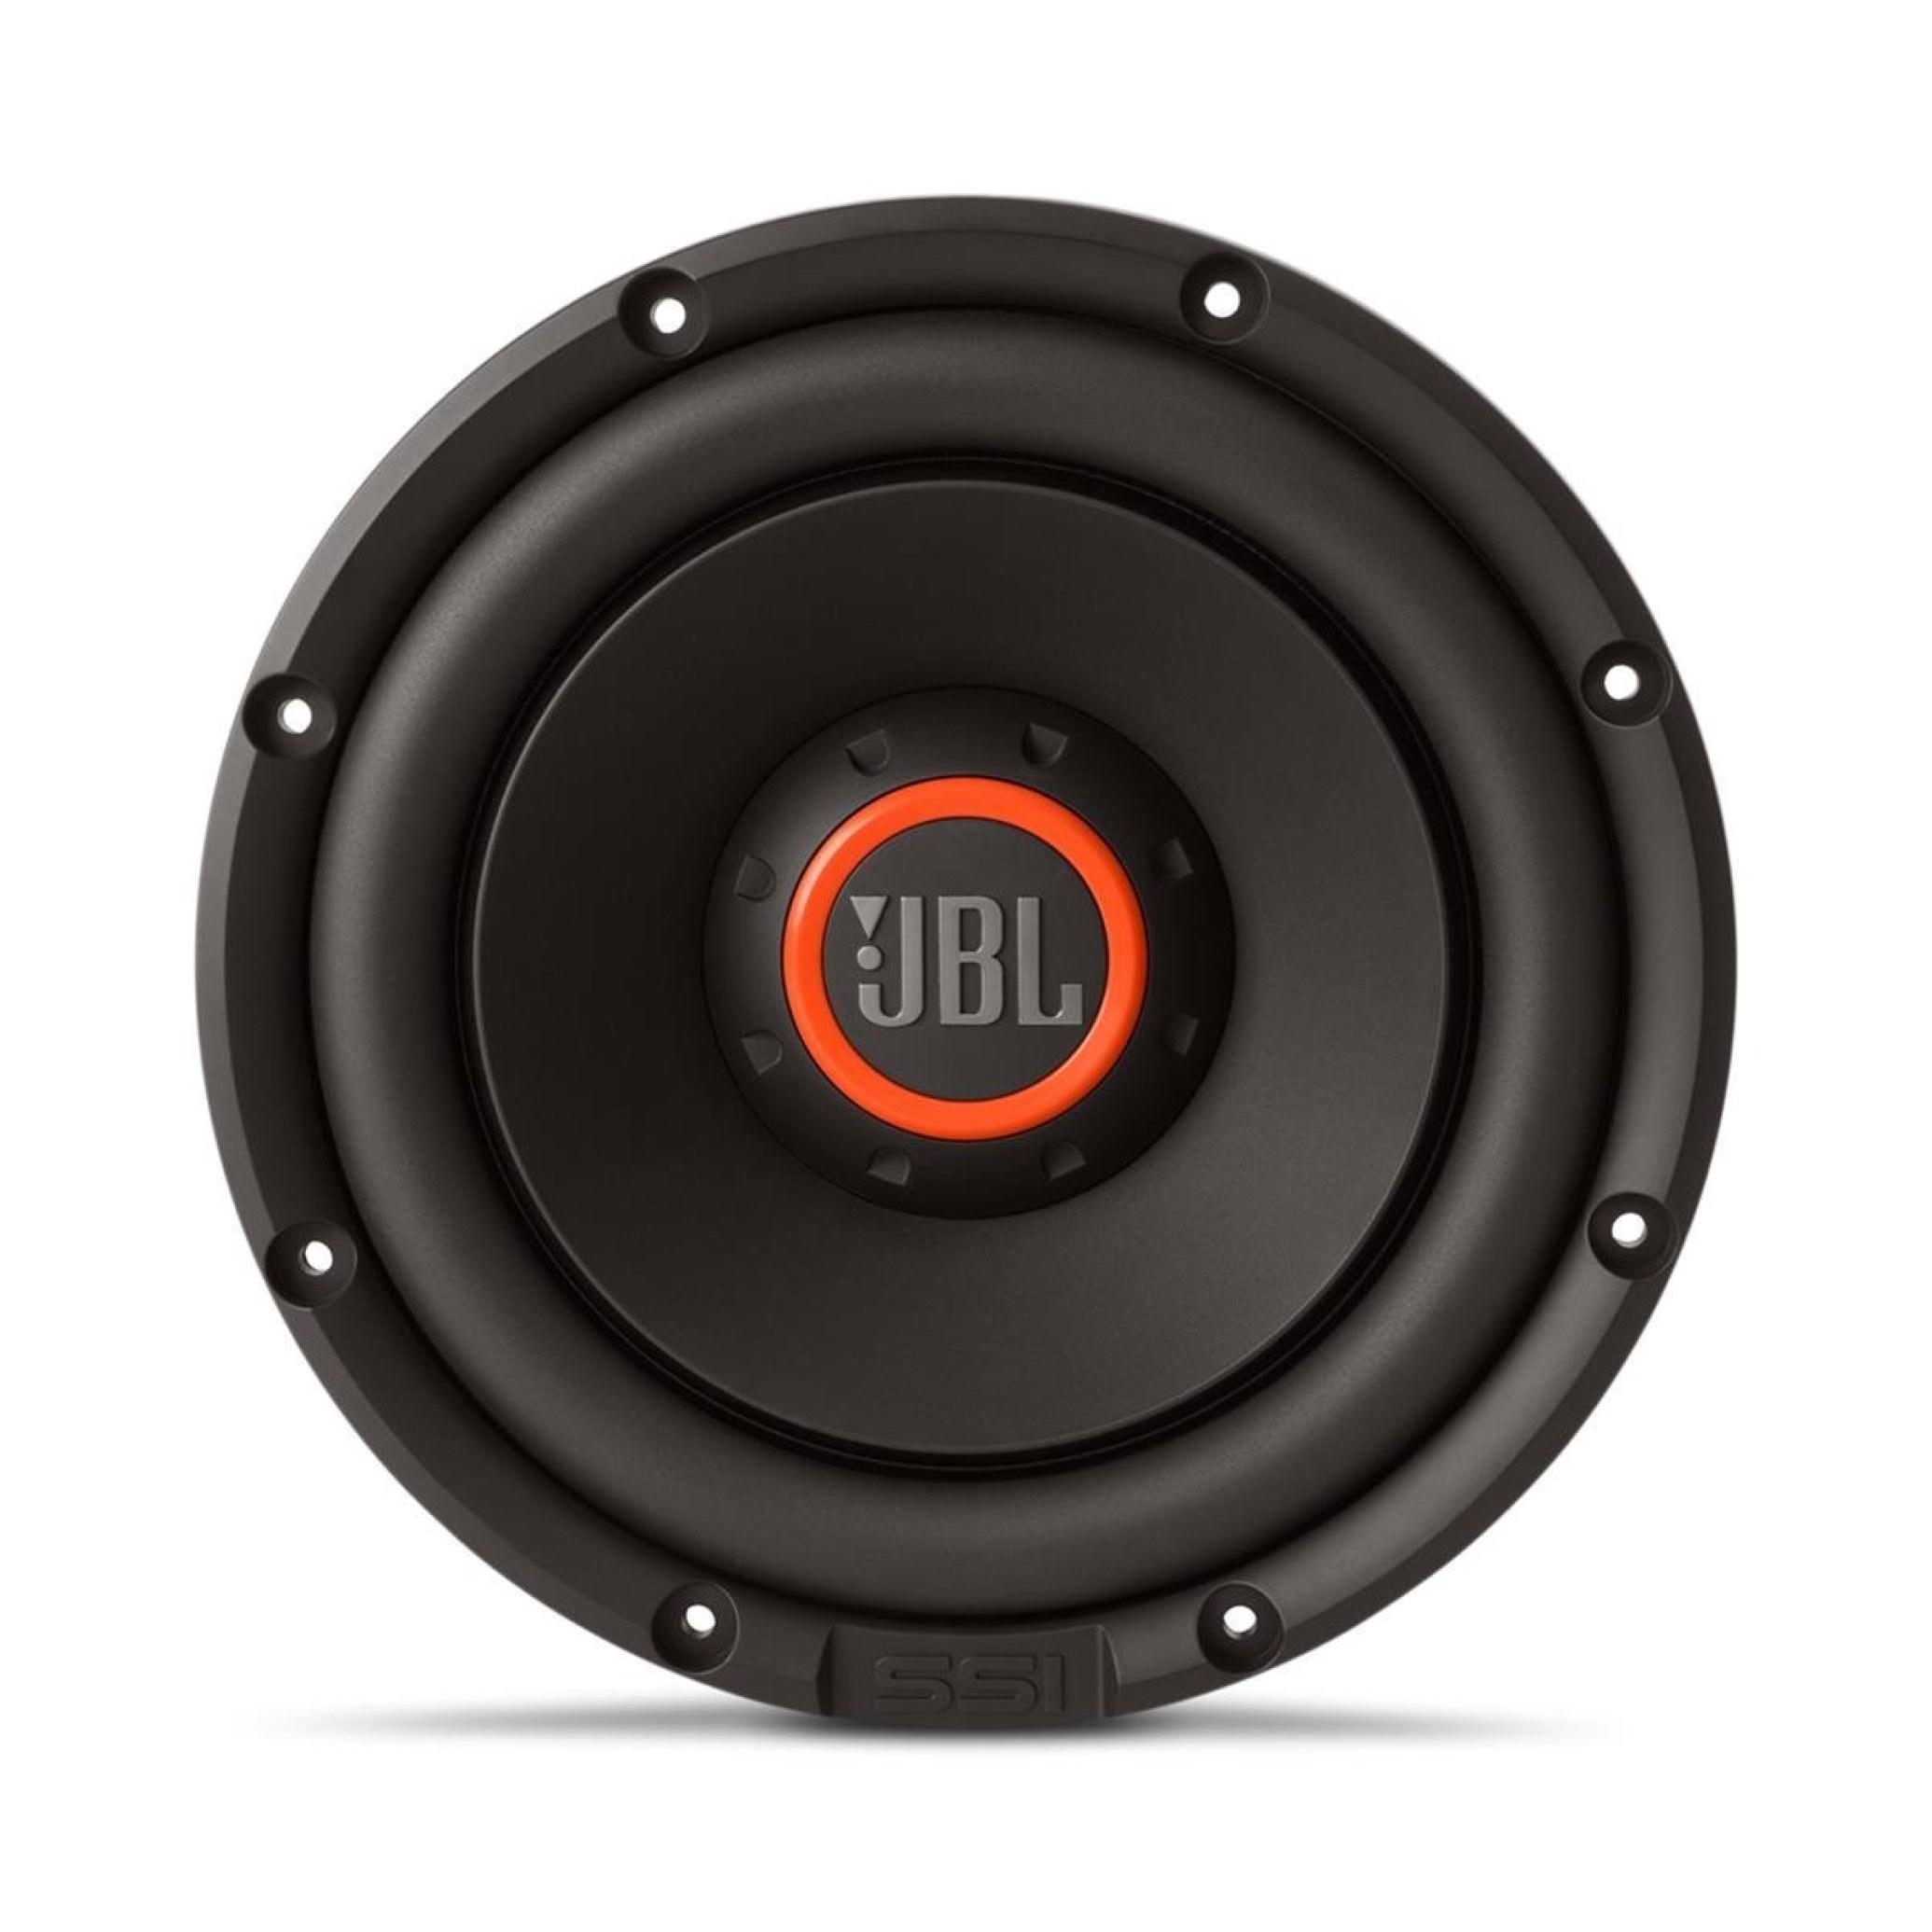 ساب جی بی ال JBL S3-1224 |